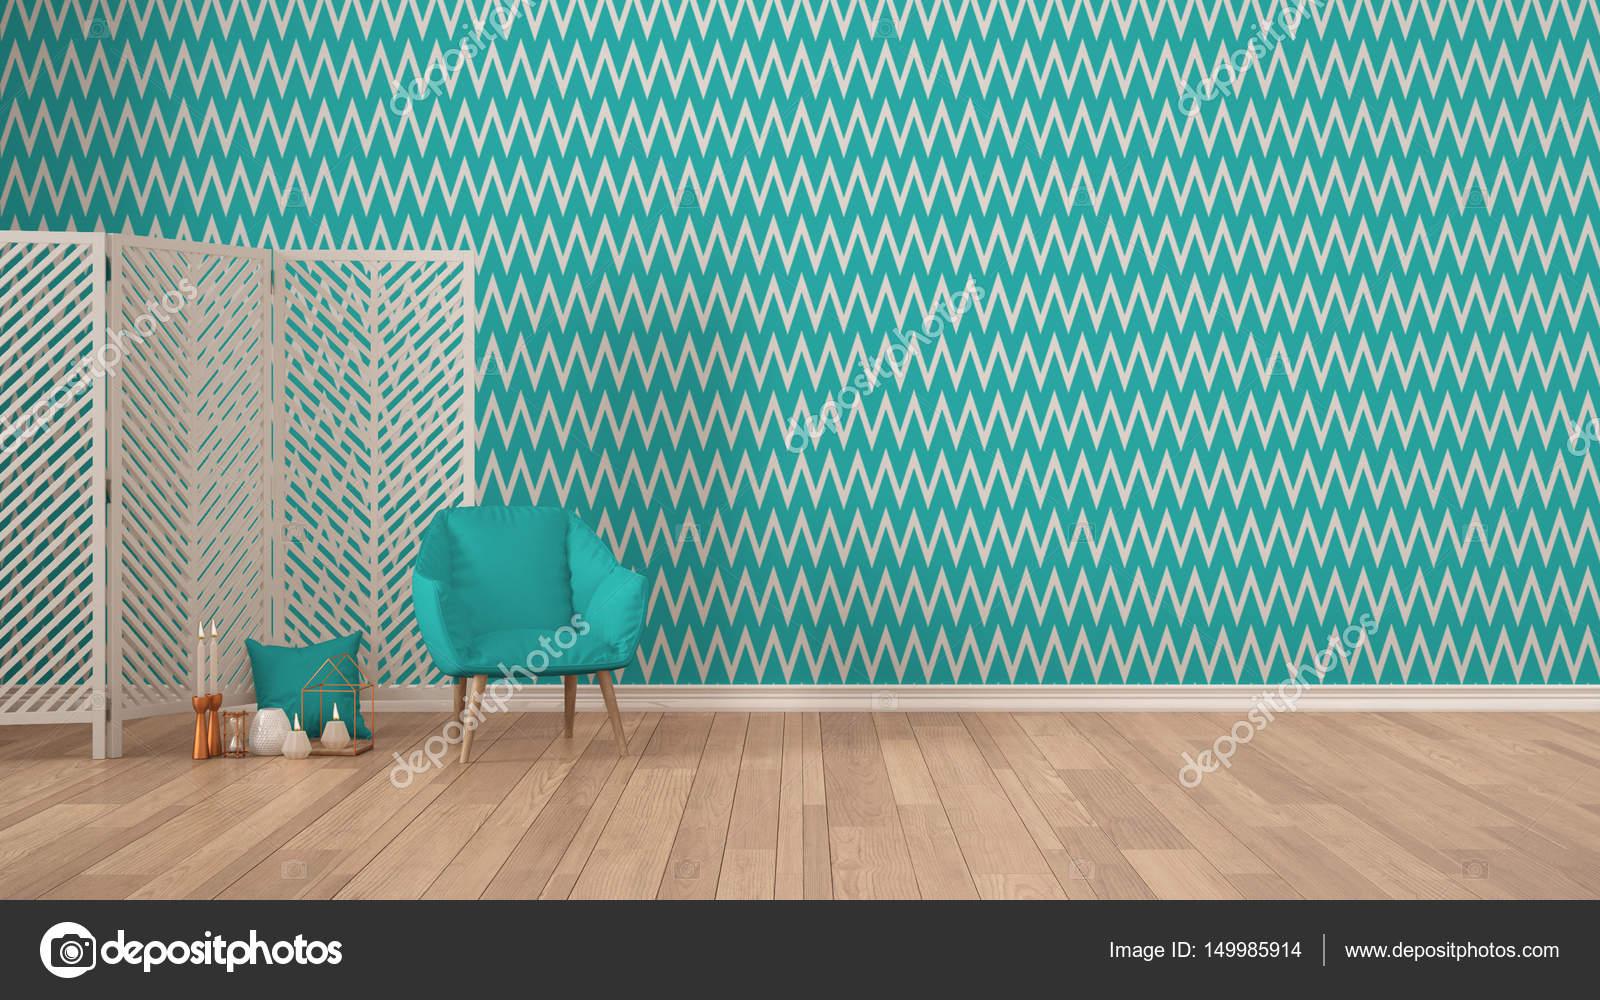 Escandinavo Minimalista Fundo Colorido Com Poltrona Tela Velas E Decoracao Em Parquete Papel De Parede Espinha Peixe Turquesa Design Interiores